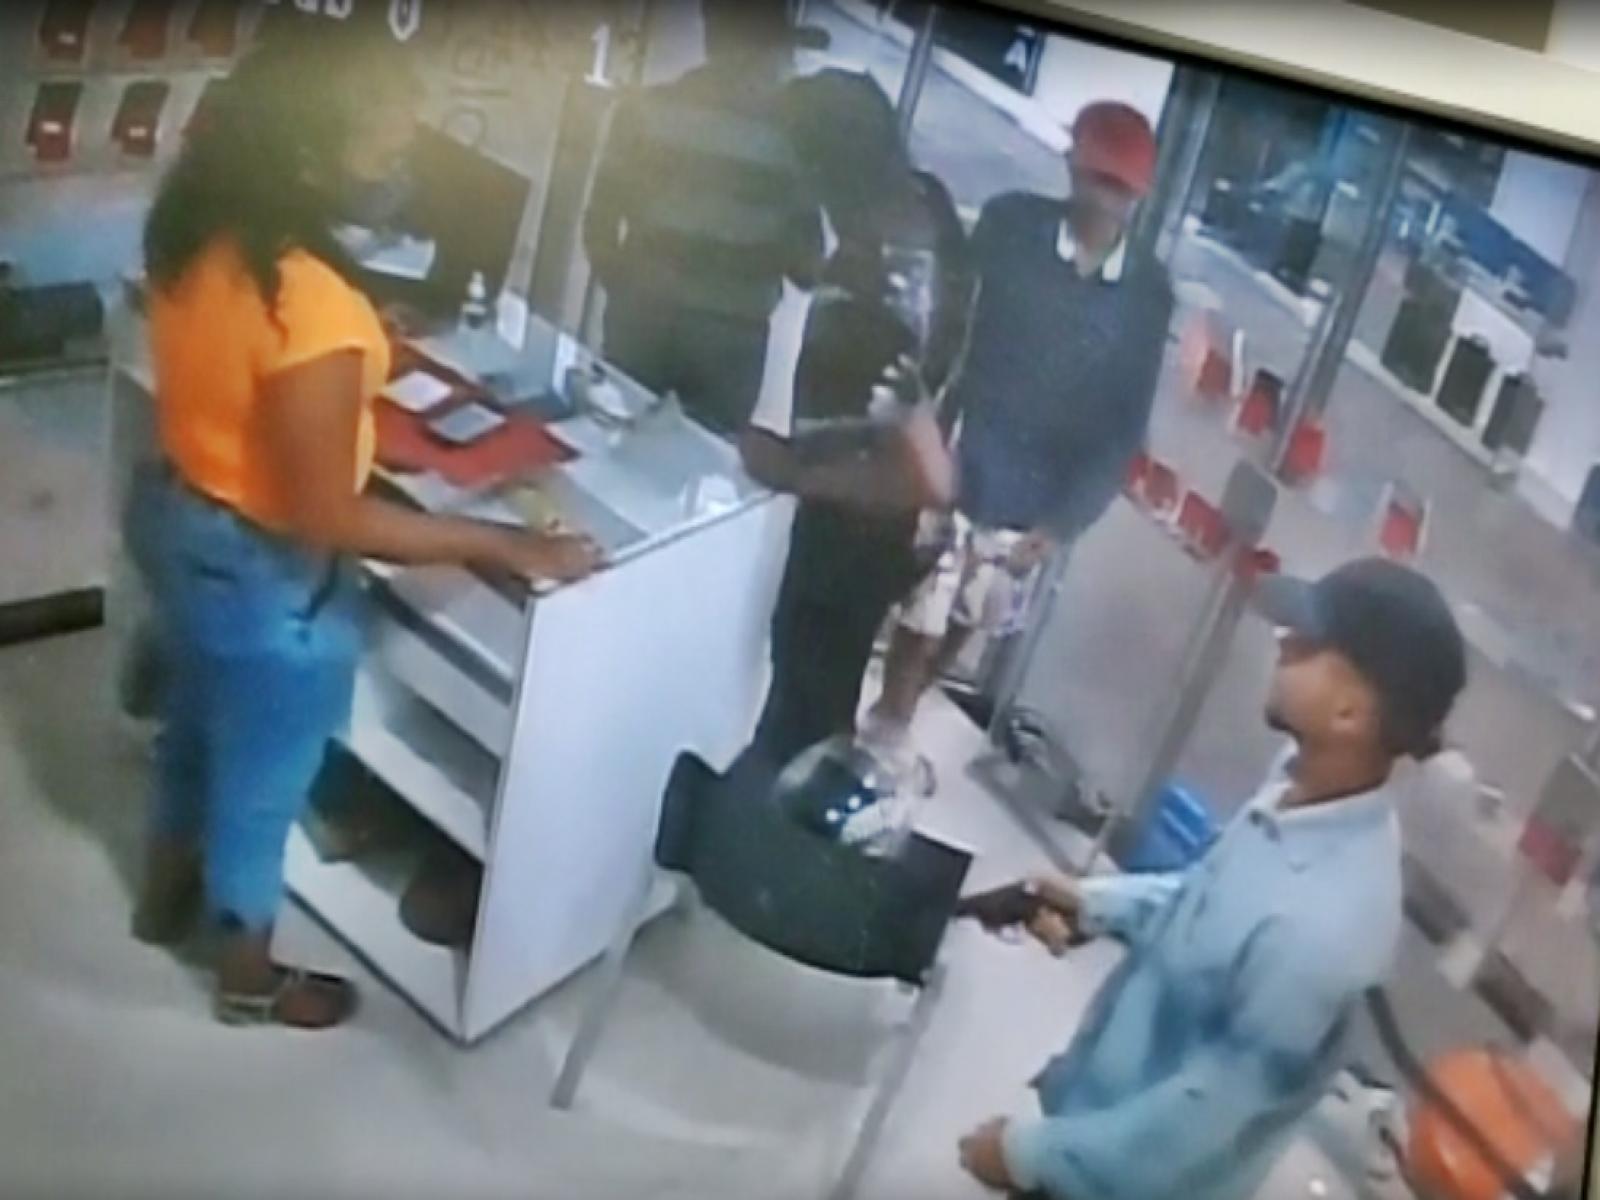 Dois bandidos assaltaram uma loja de celulares no Mercadão neste sábado